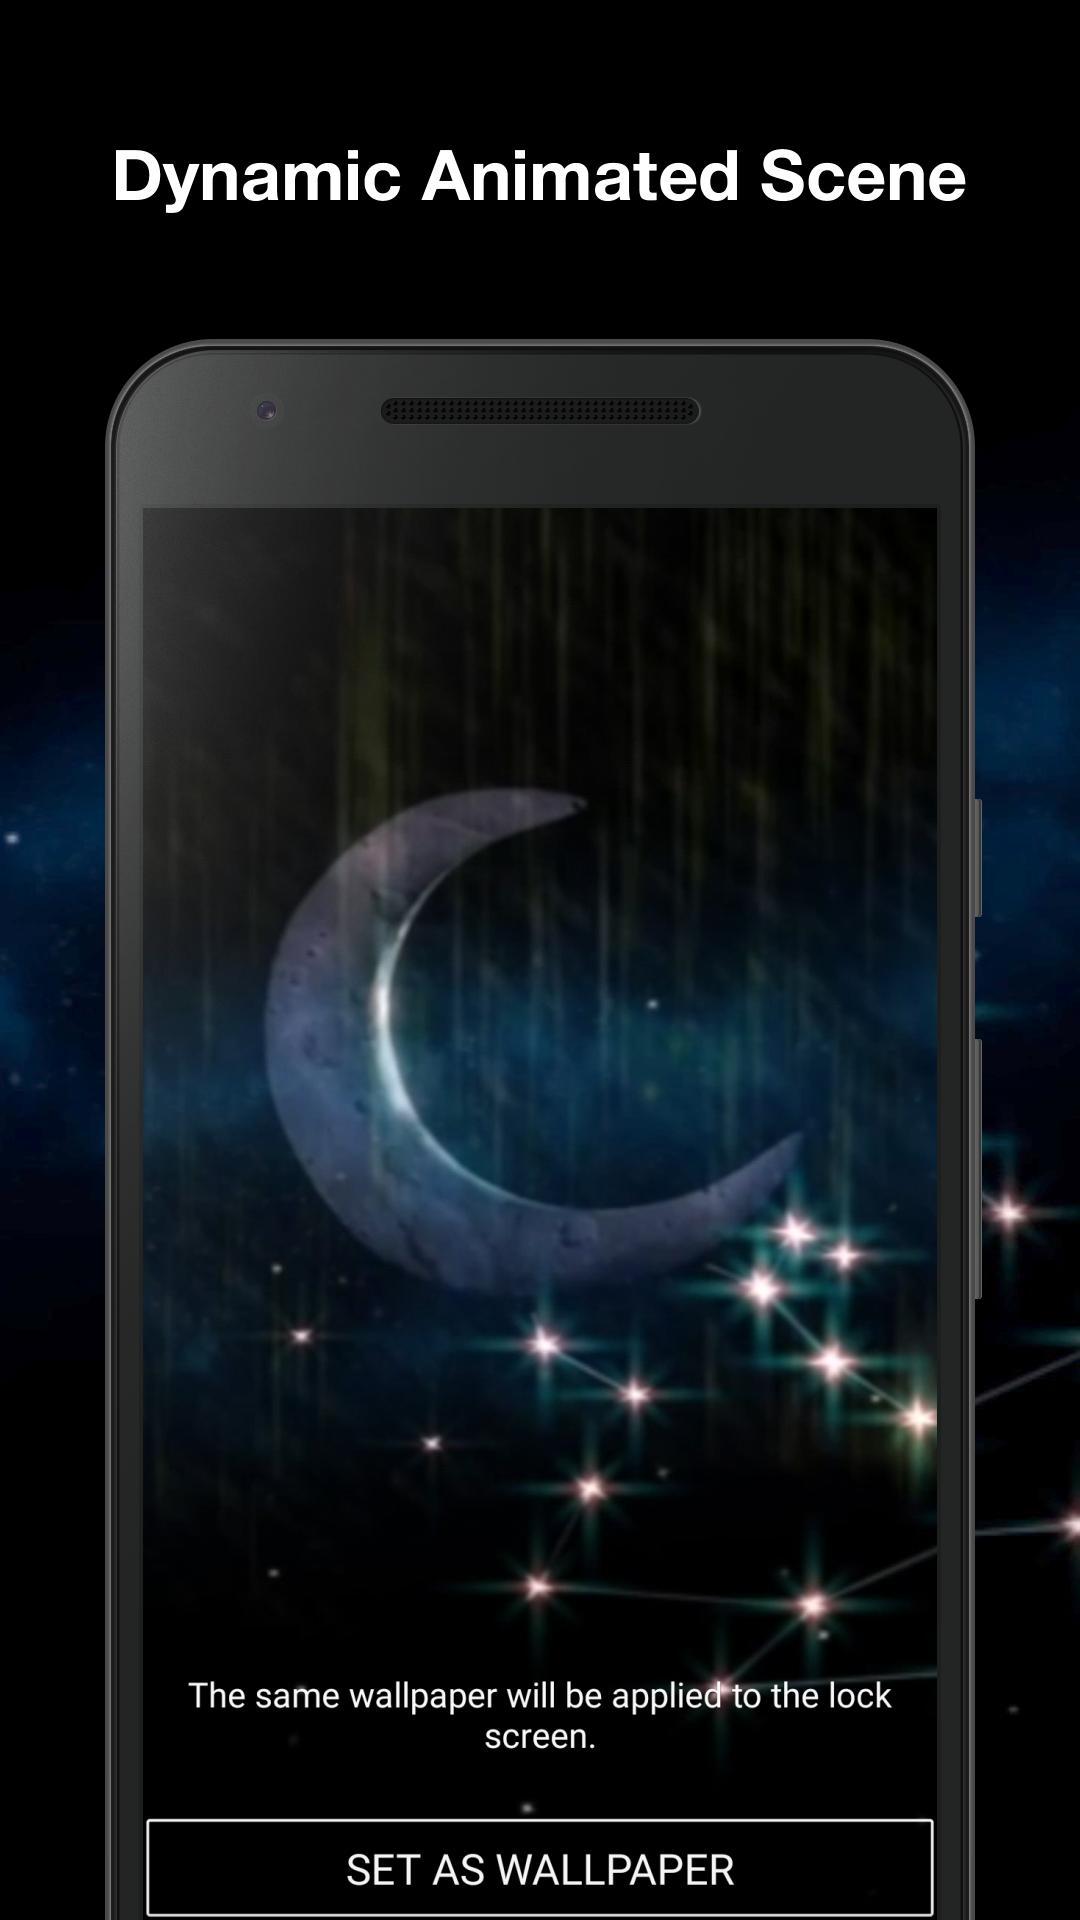 Android 用の 夜空 アニメーション壁紙 Apk をダウンロード